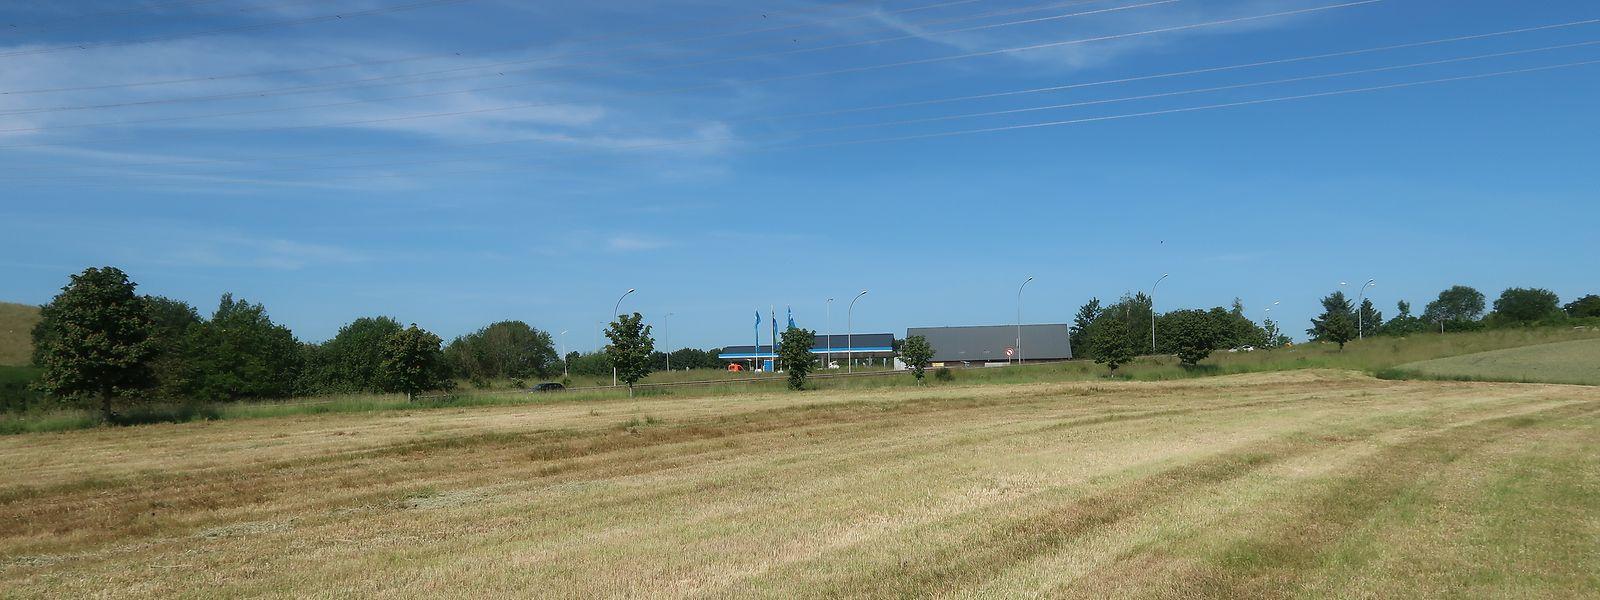 Direkt am Kreisverkehr gegenüber der Tankstelle auf Fridhaff haben die Gemeinde Diekirch zwei und der Staat fünf Hektar Land erworben. Der Preis lag jeweils bei 2.500 Euro pro Ar.